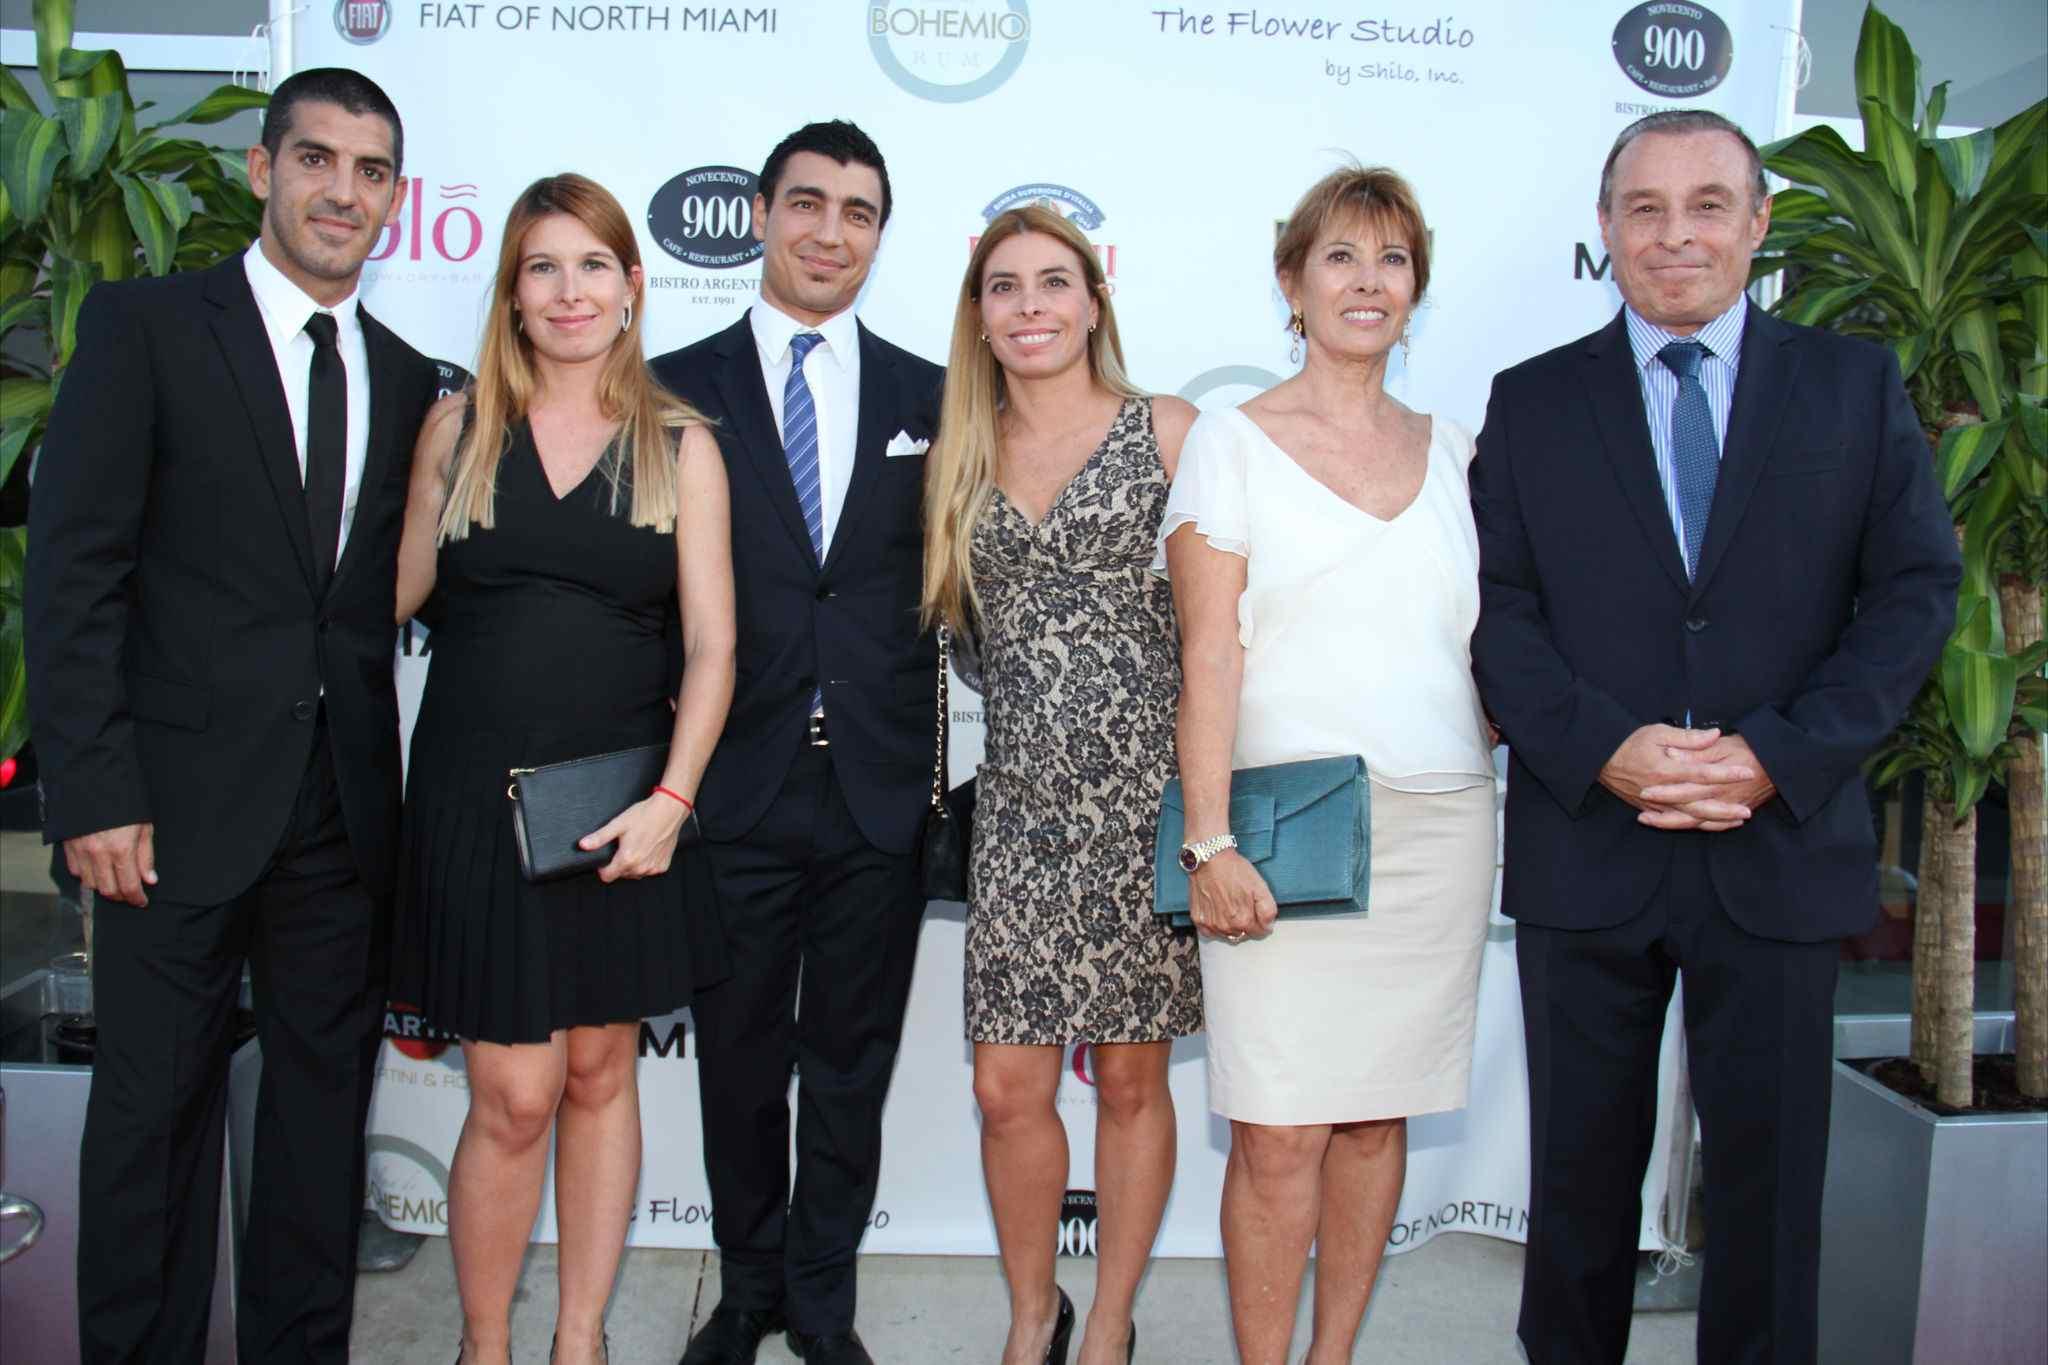 Diego Cassino, Carolina Belcastro, Diego Sanchez Navarro, Na